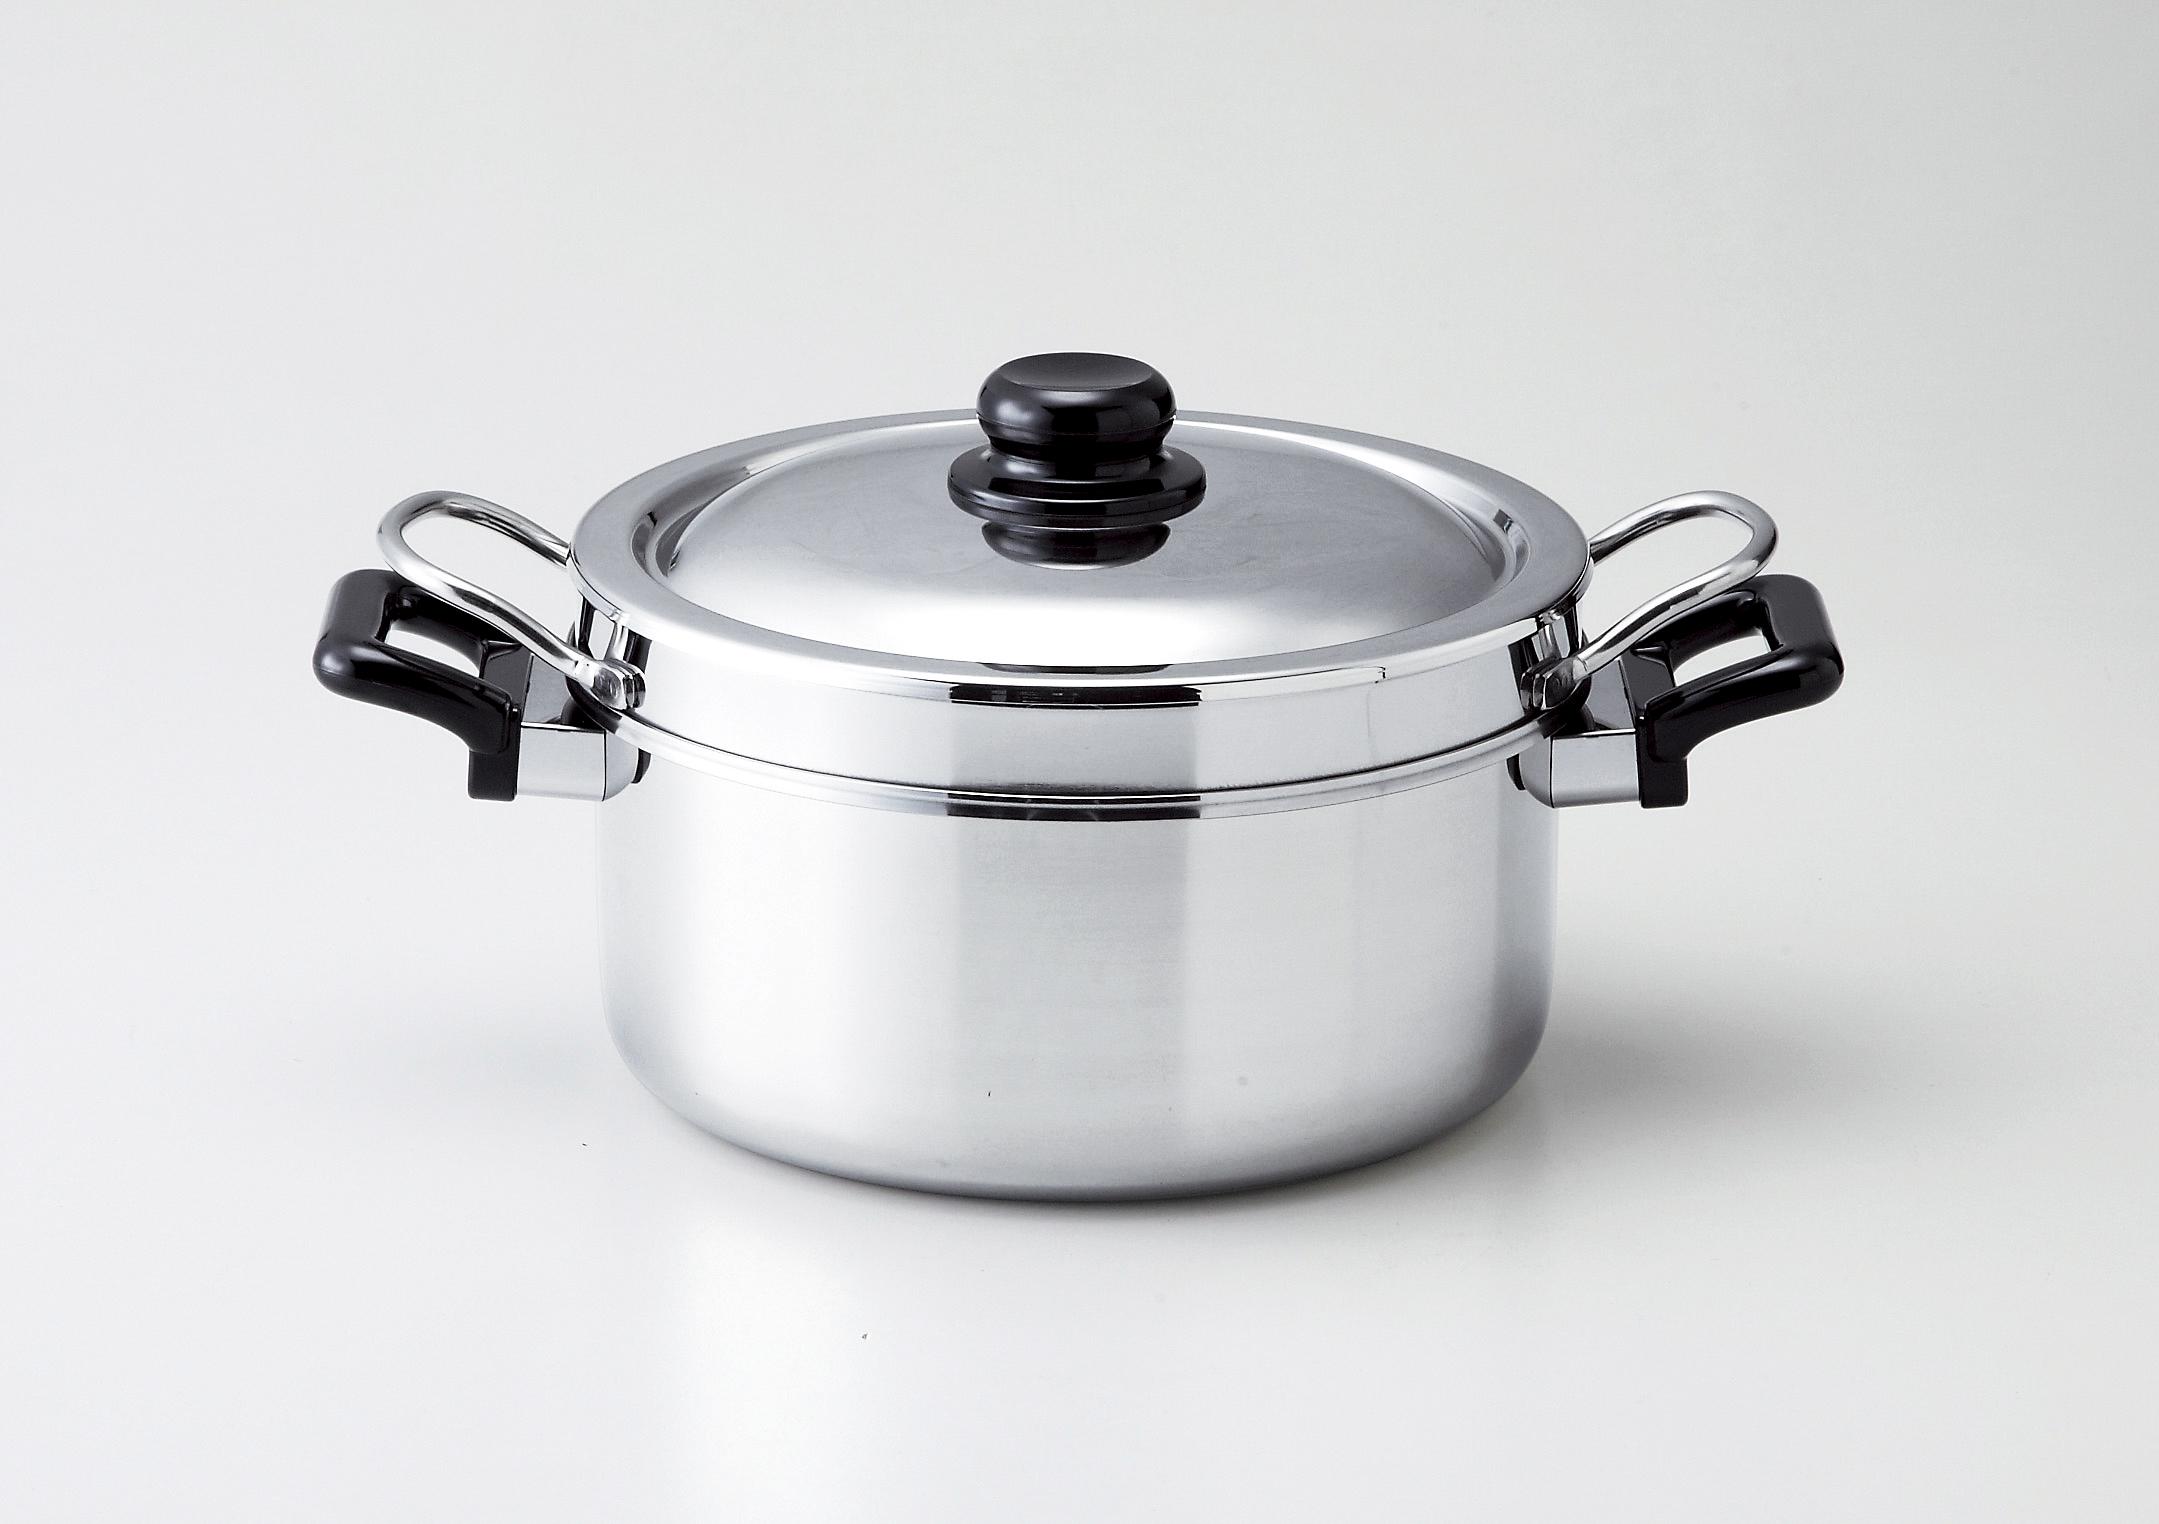 【霜龍器物】余熱&湯煎調理鍋セット 内鍋・外鍋 各1